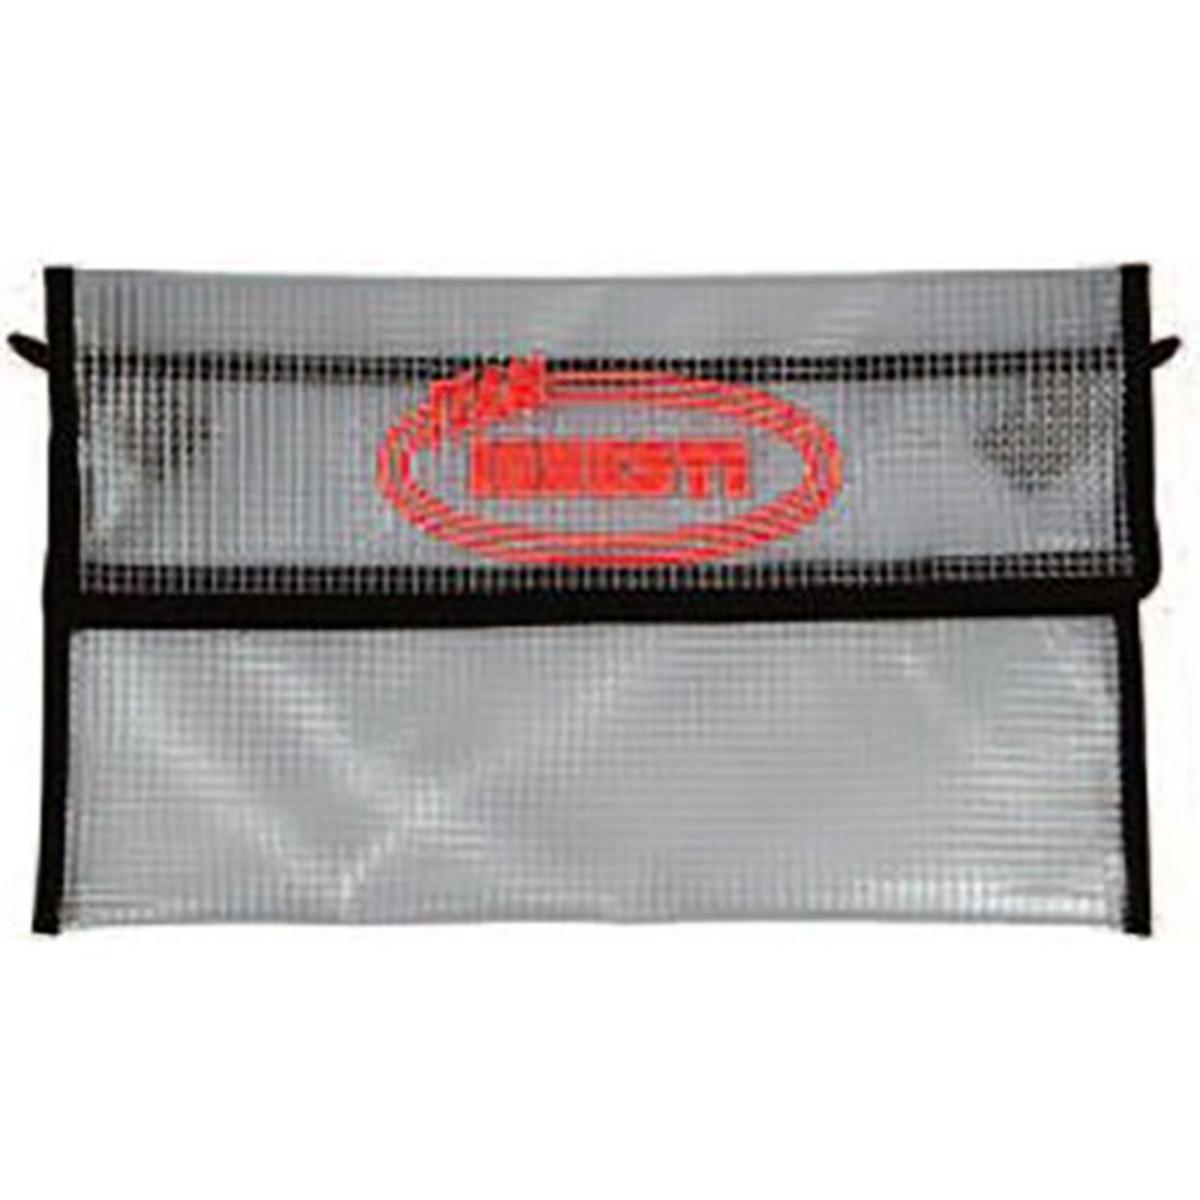 Ignesti Netztasche mit Klammer Forelle - Tasche nit Netz